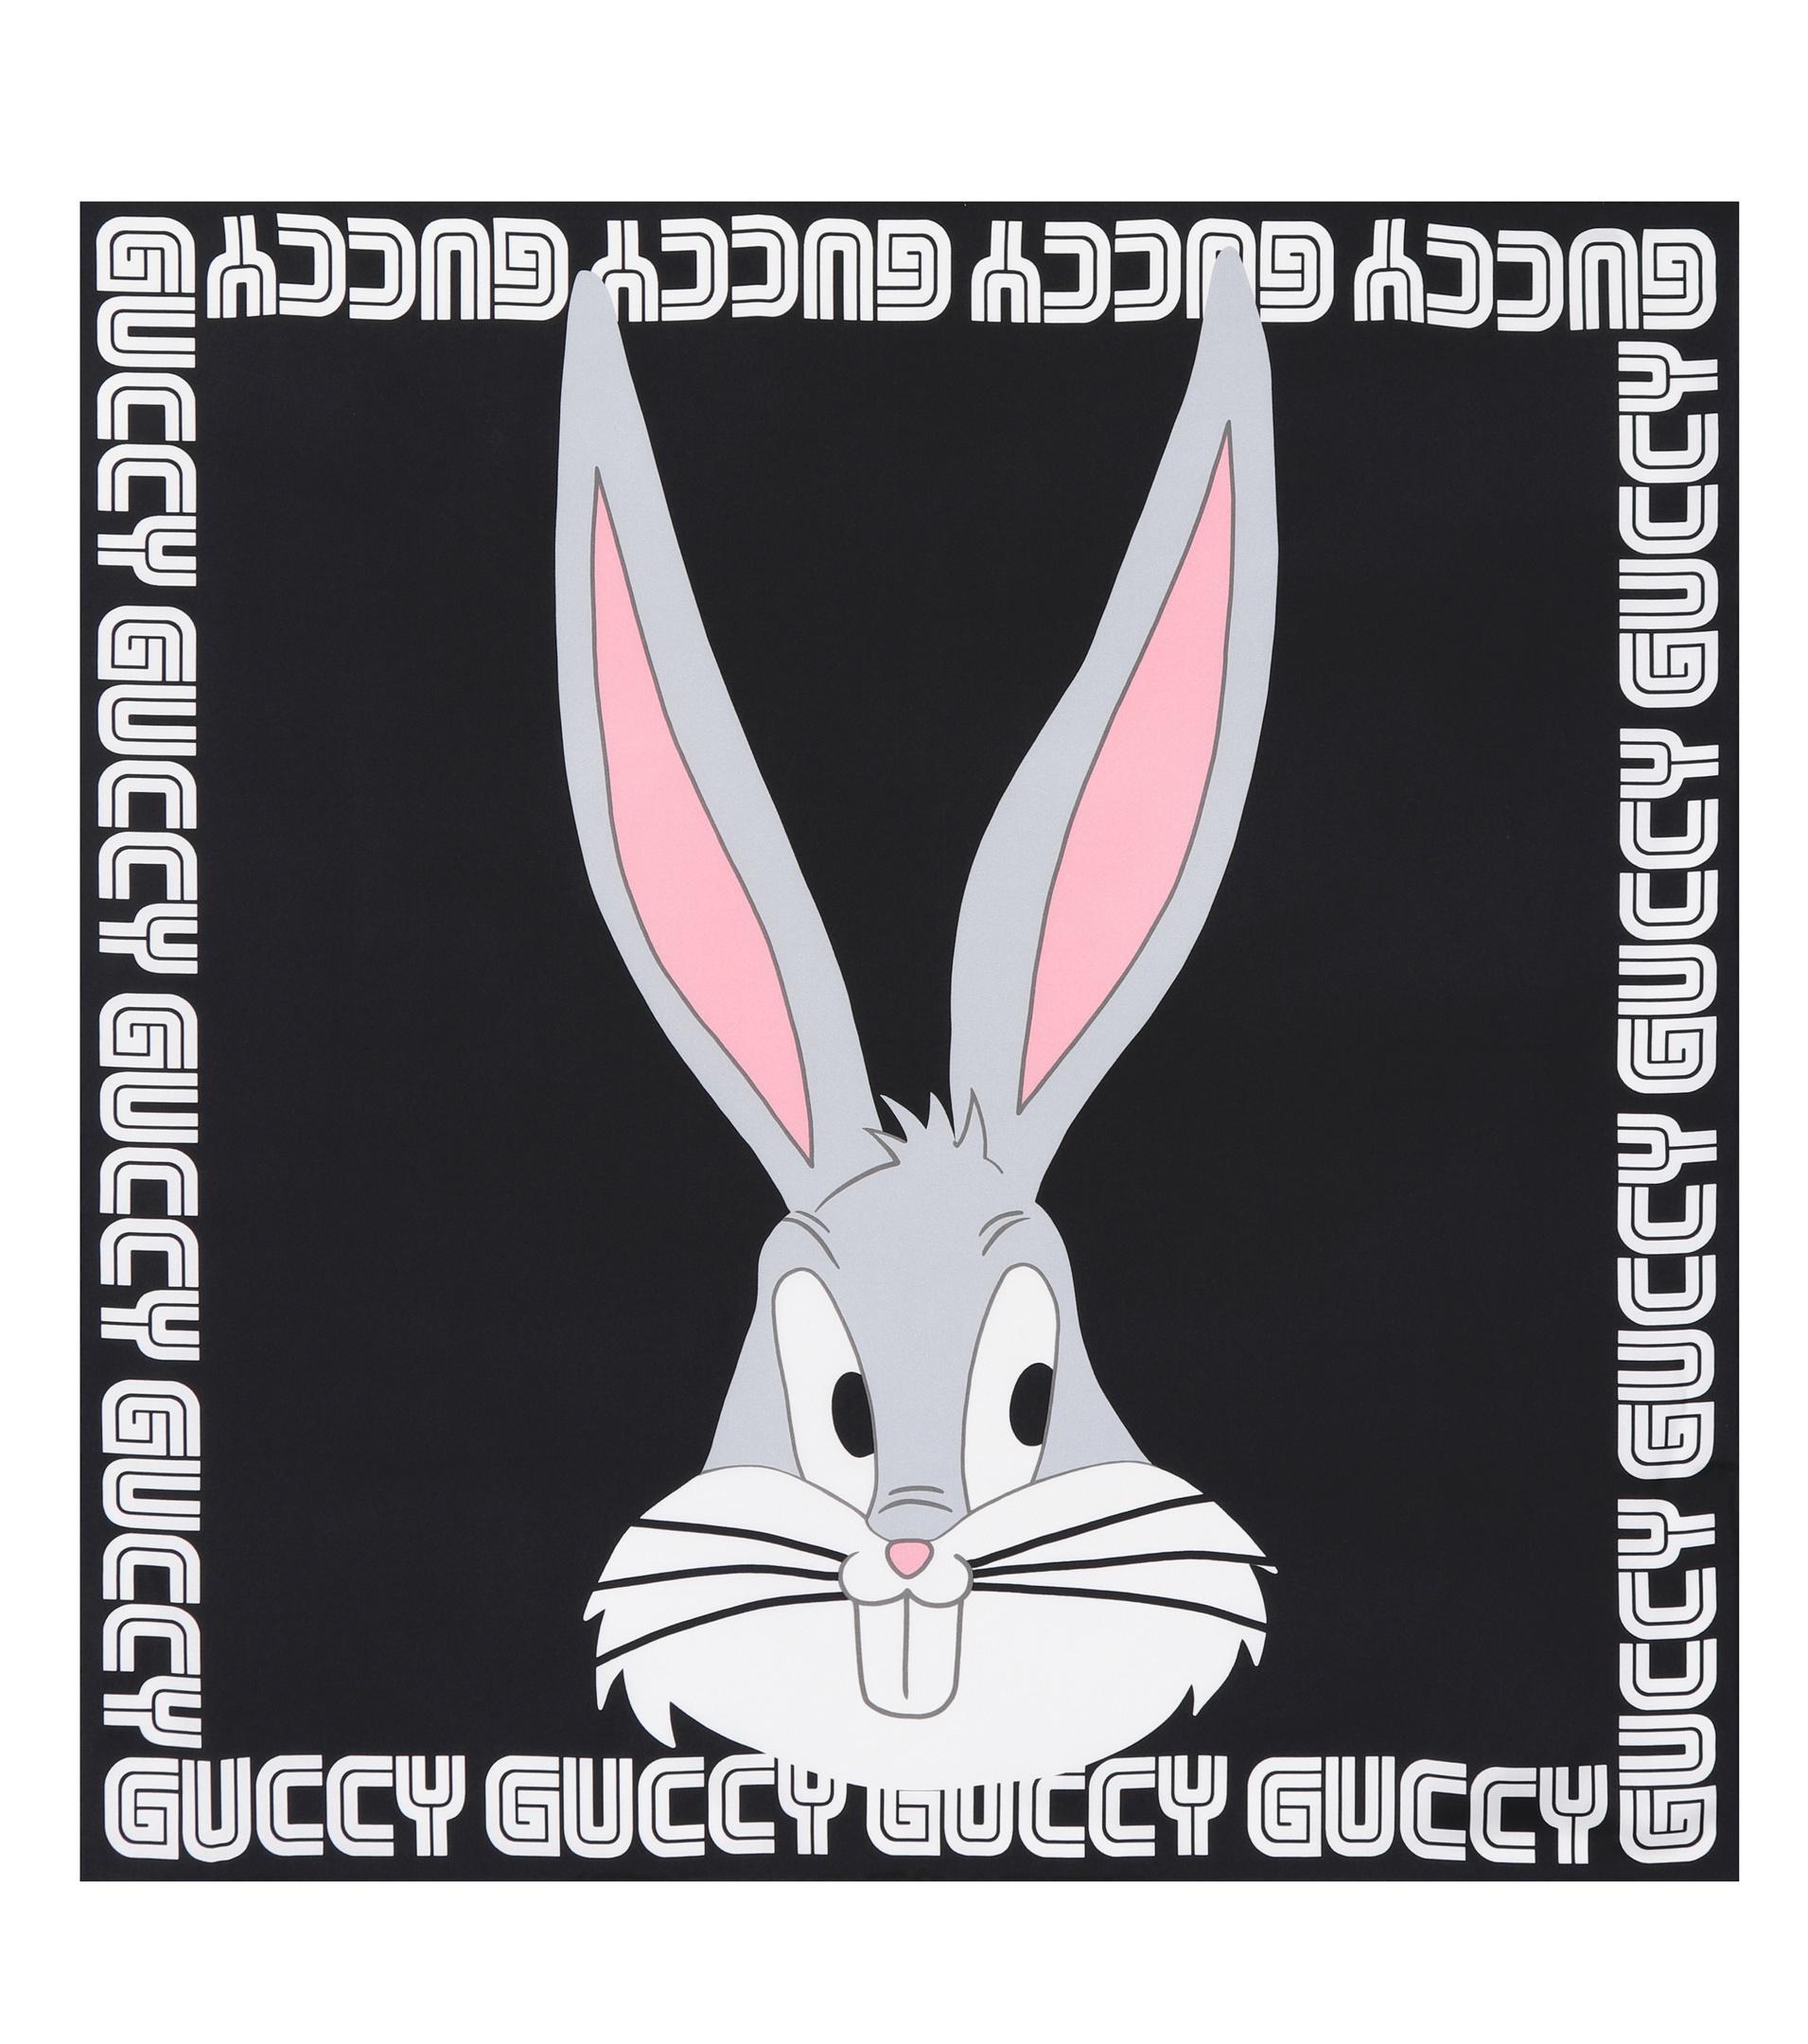 Lyst - Foulard noir Guccy Bugs Bunny Gucci en coloris Noir a849c2491e6